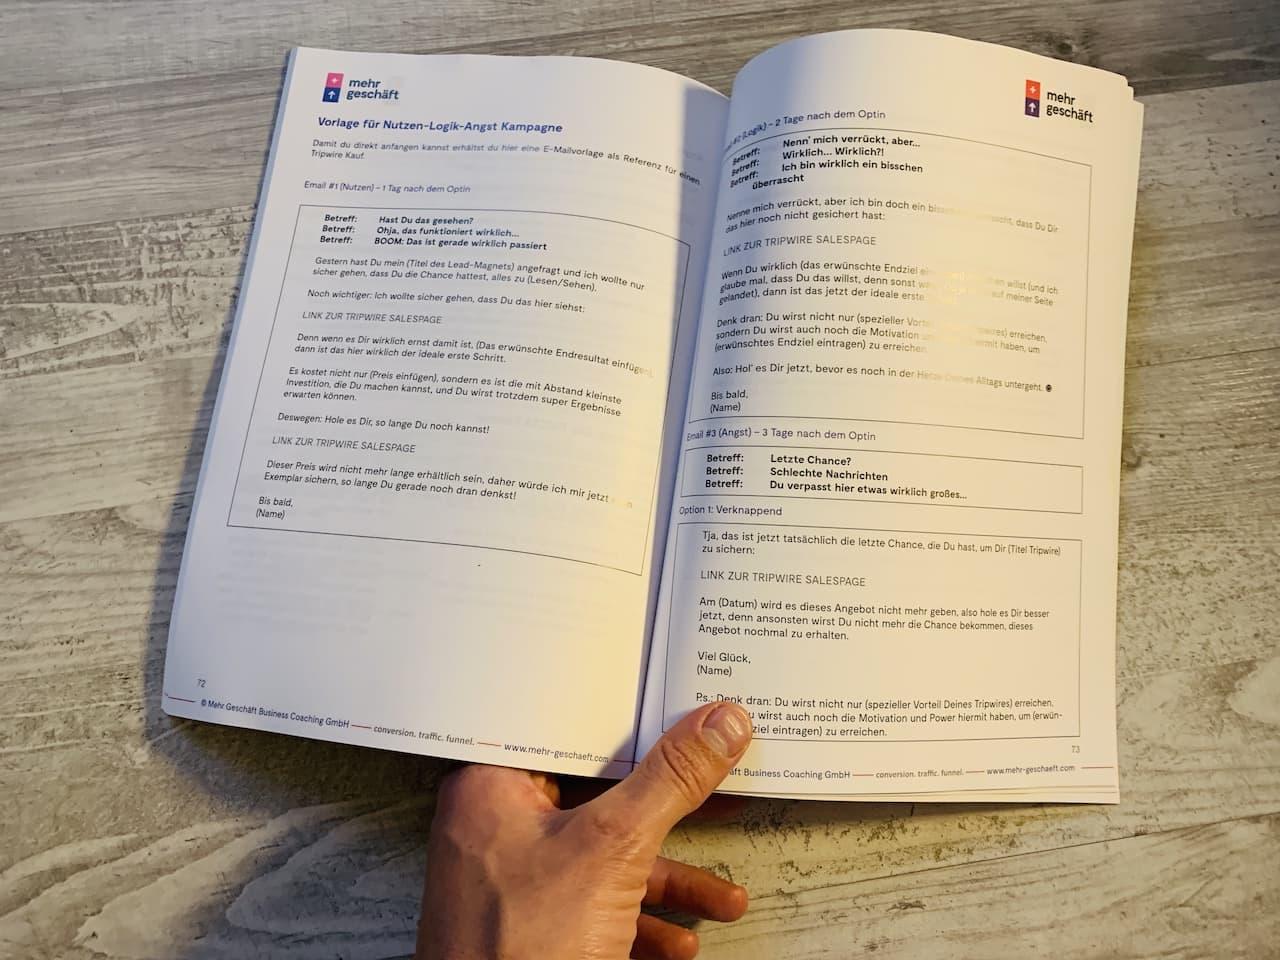 Das Online Marketing Buch von Mehr Geschäft Seite 72 73